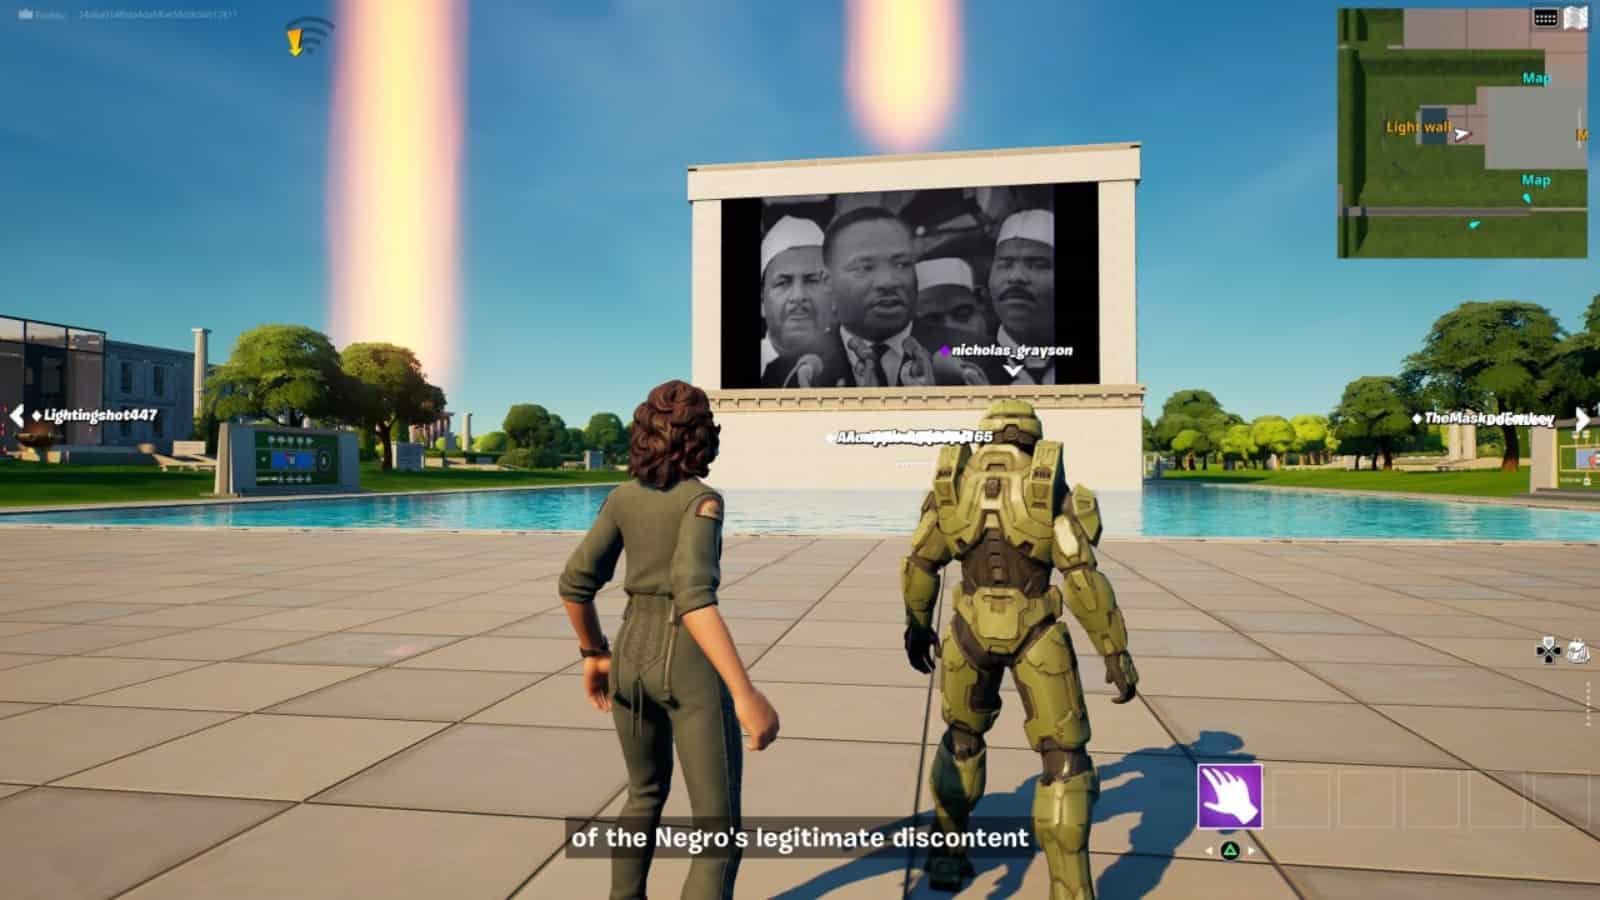 Fortnite deaktiviert Emotes nach respektlosem Verhalten im MLK-Event